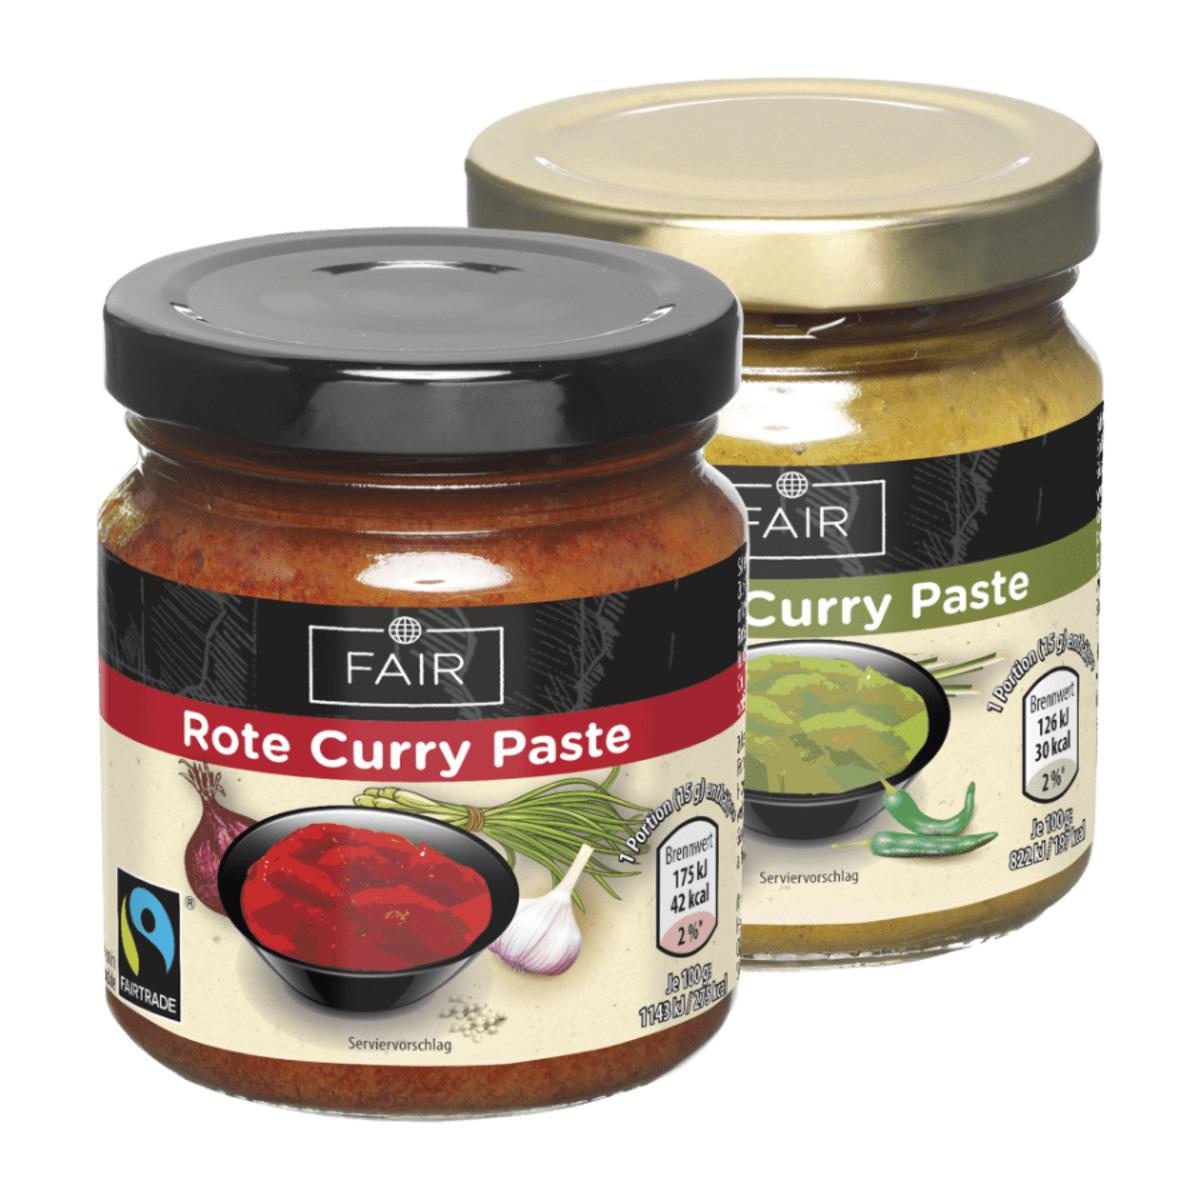 Bild 1 von FAIR     Curry Paste, Fairtrade